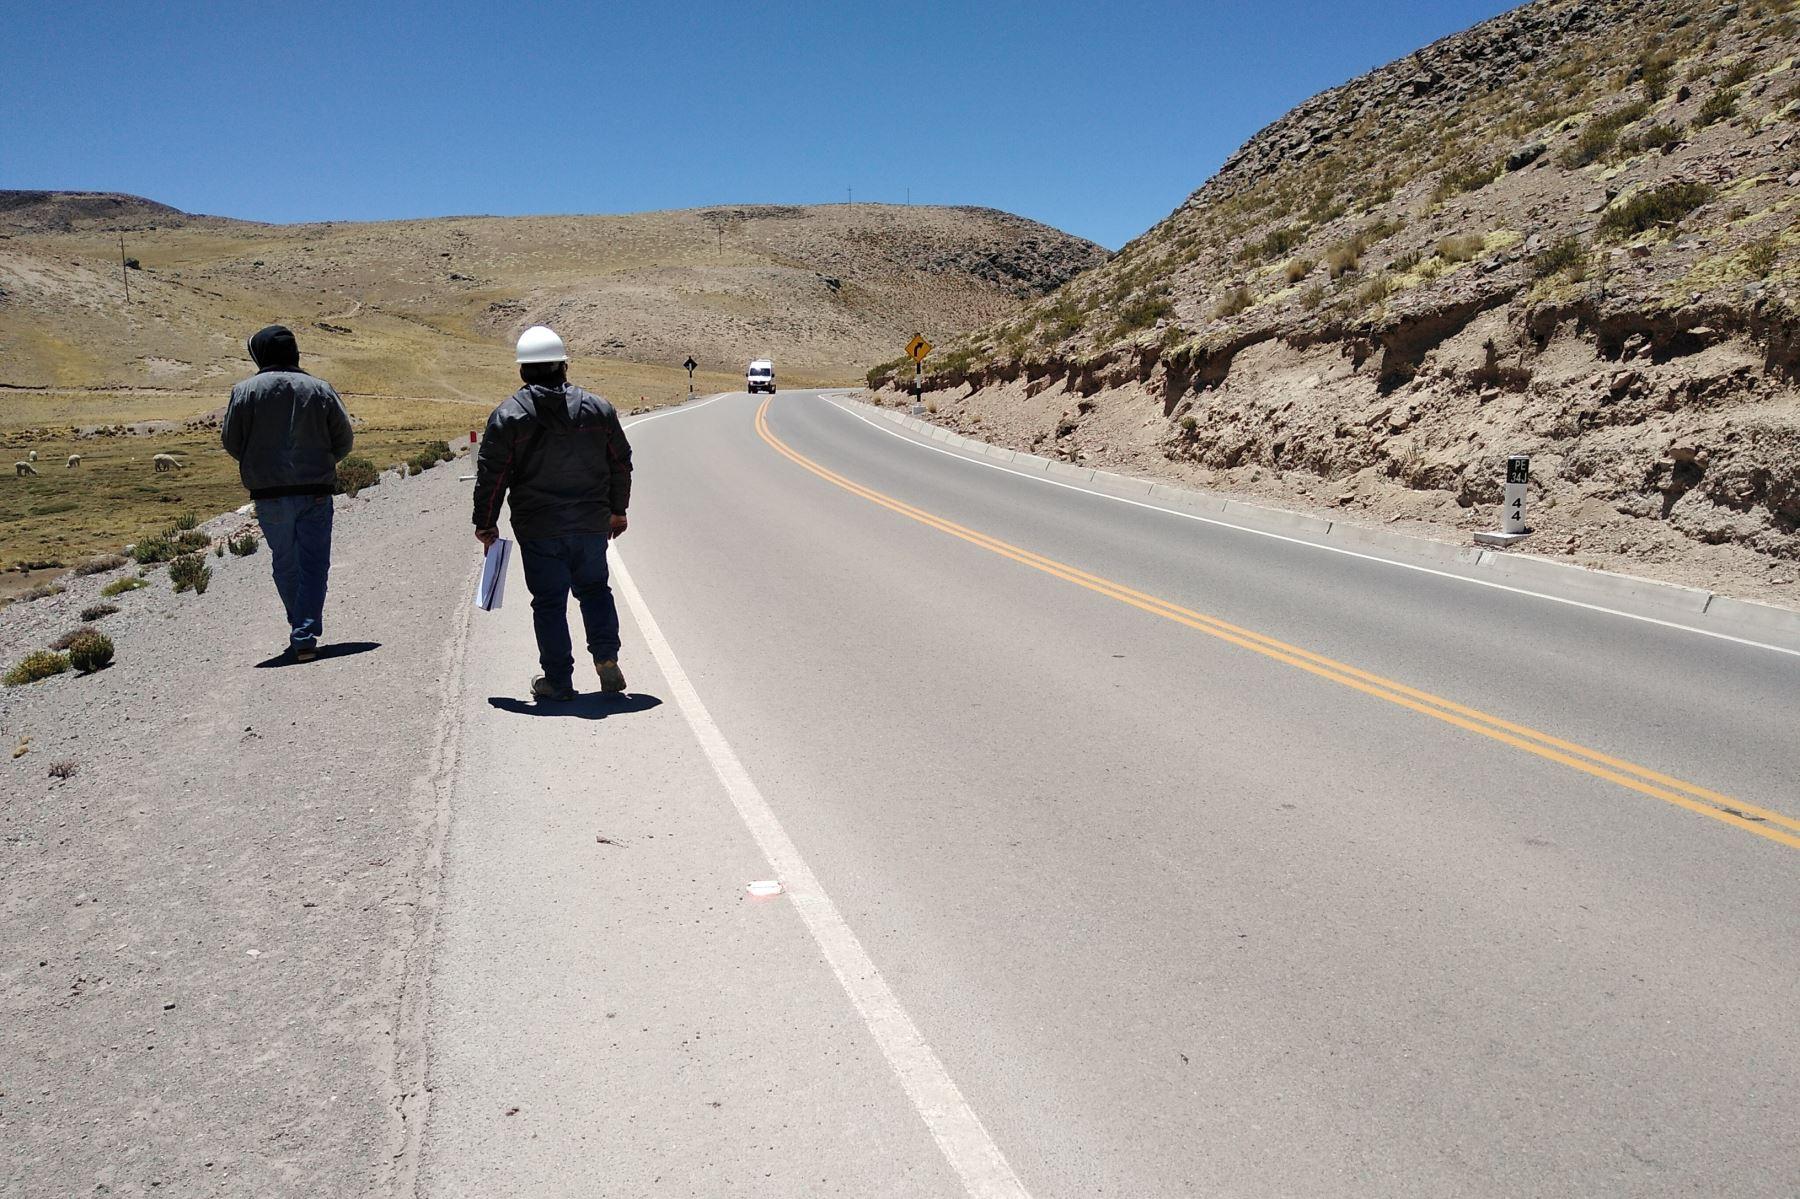 Contraloría detecta perjuicio económico en obras ejecutadas en carretera ubicada en Arequipa. ANDINA/Difusión